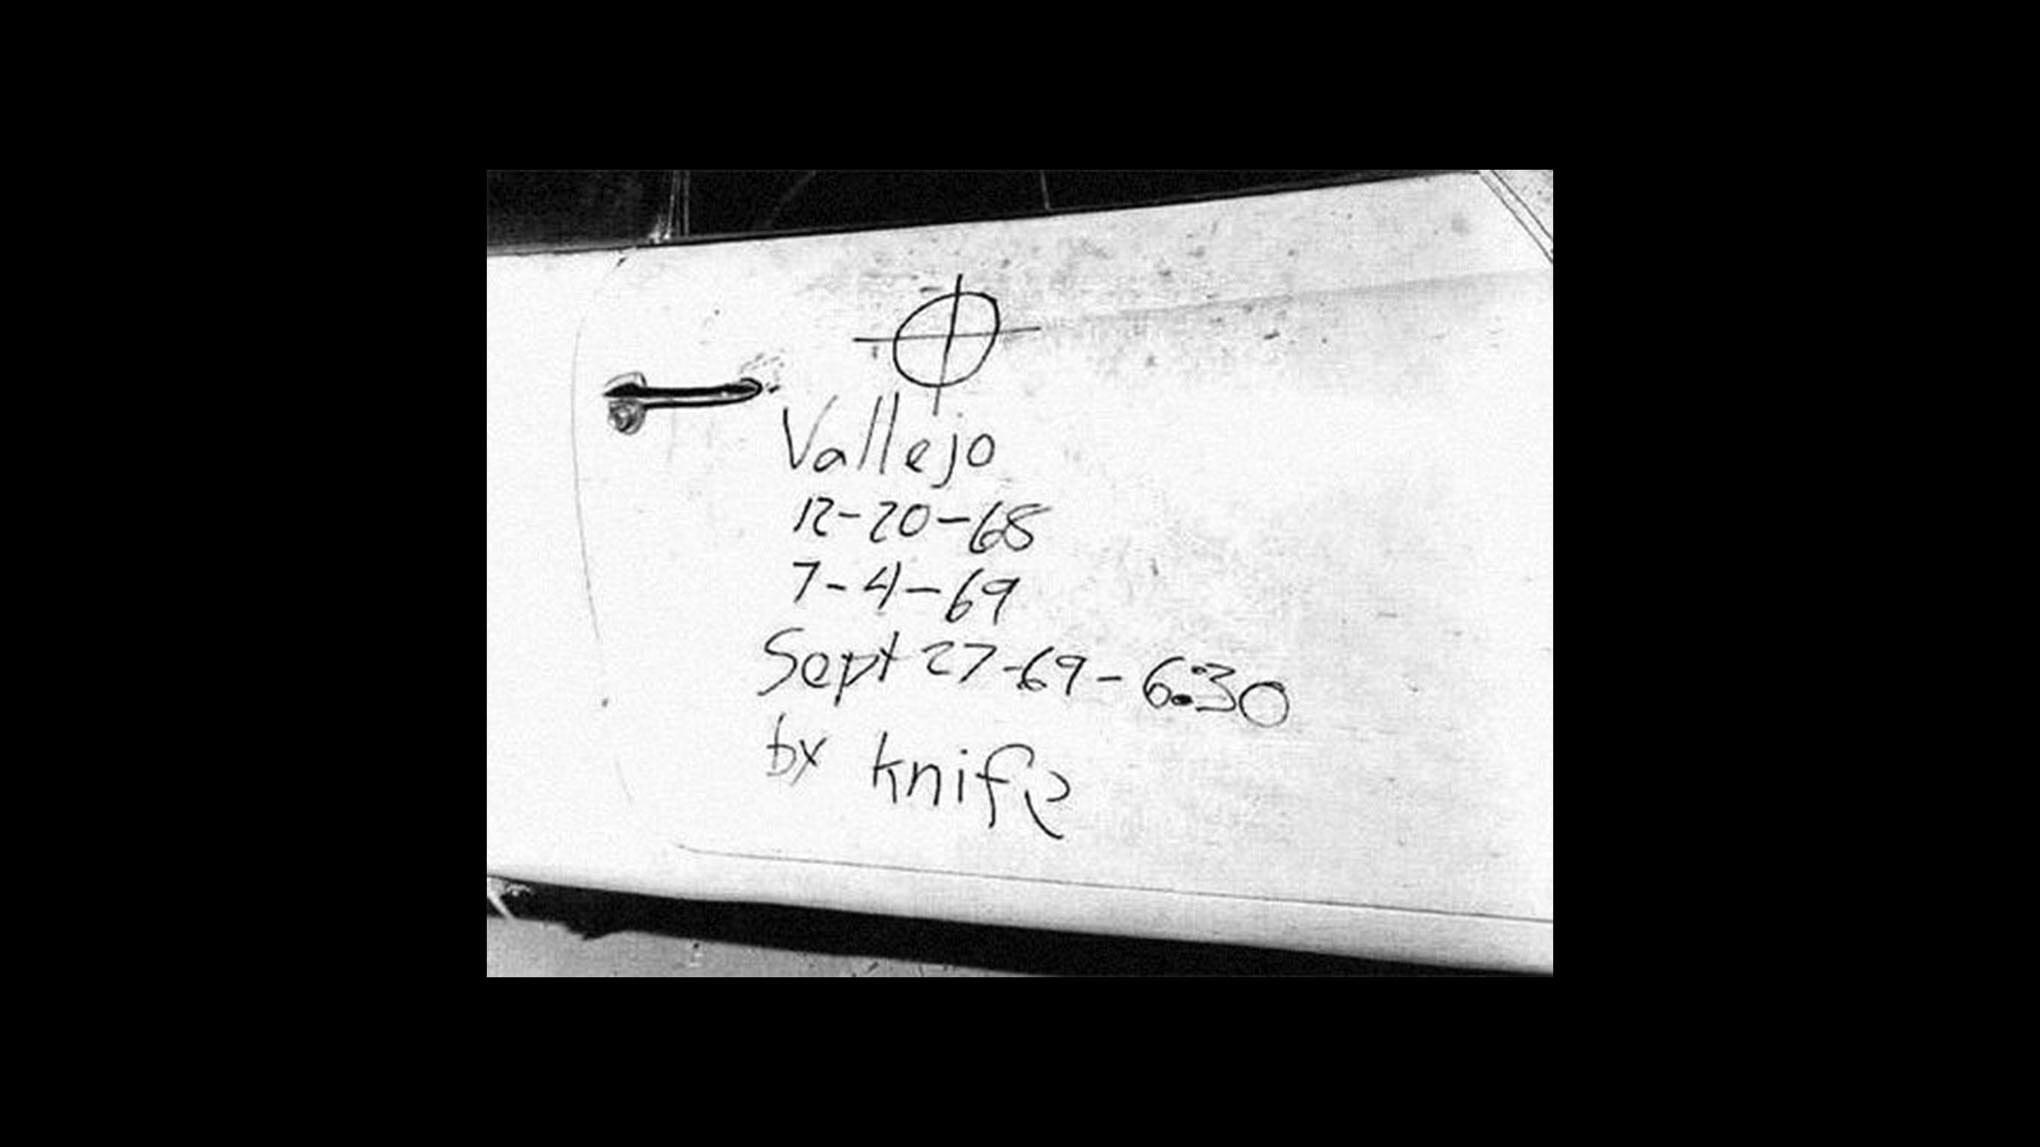 Надпись на машине Брайана Хартнелла, оставленная Зодиаком